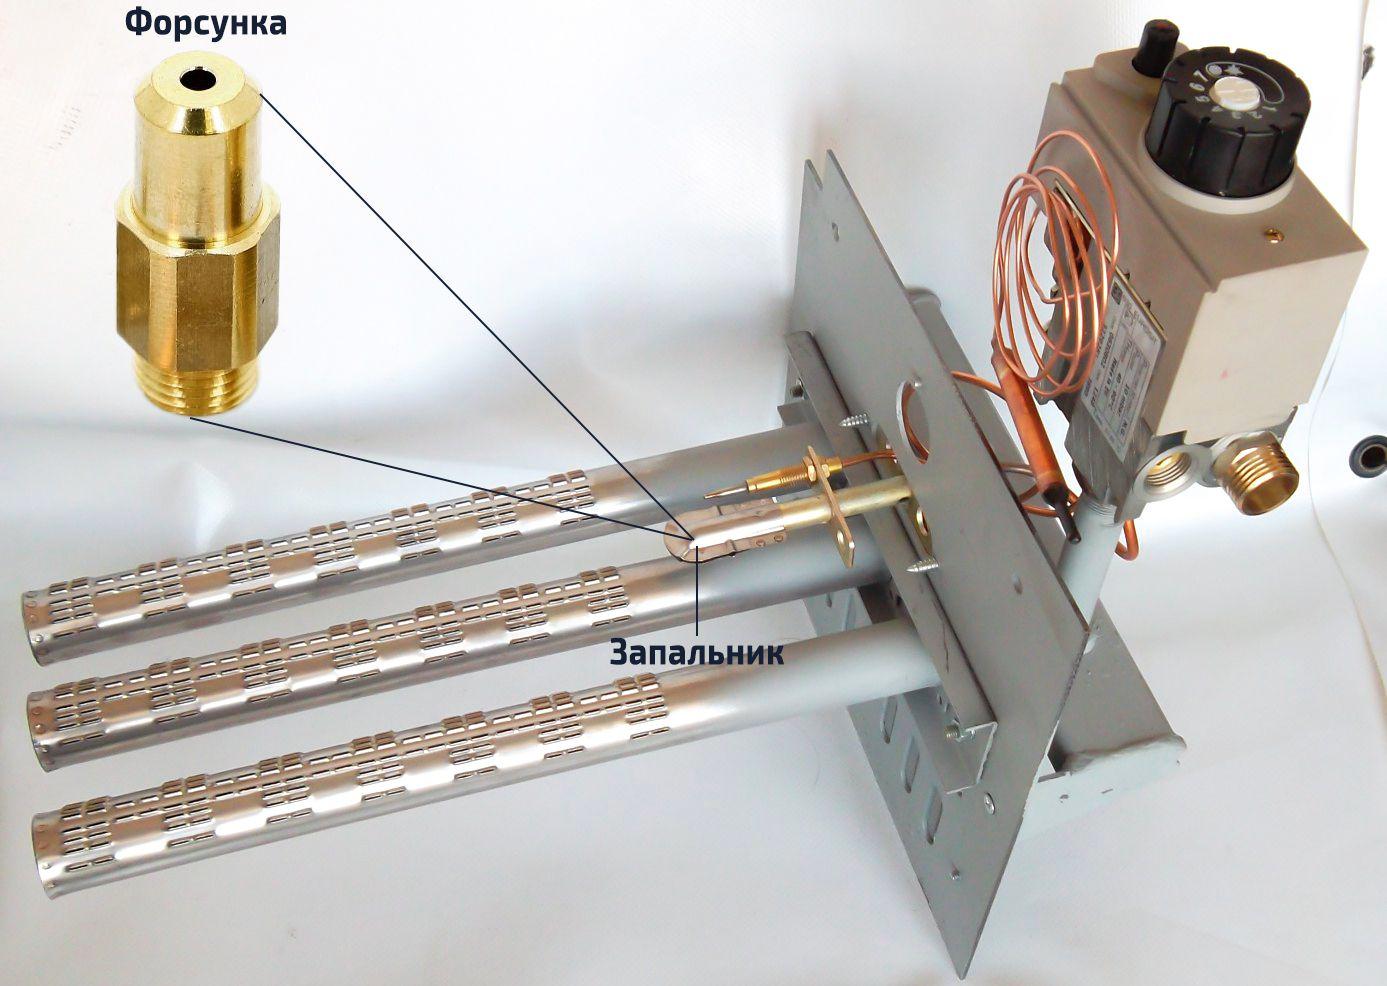 Отзыв о лемакс: стальные панельные радиаторы lemax. автор колдин борис николаевич